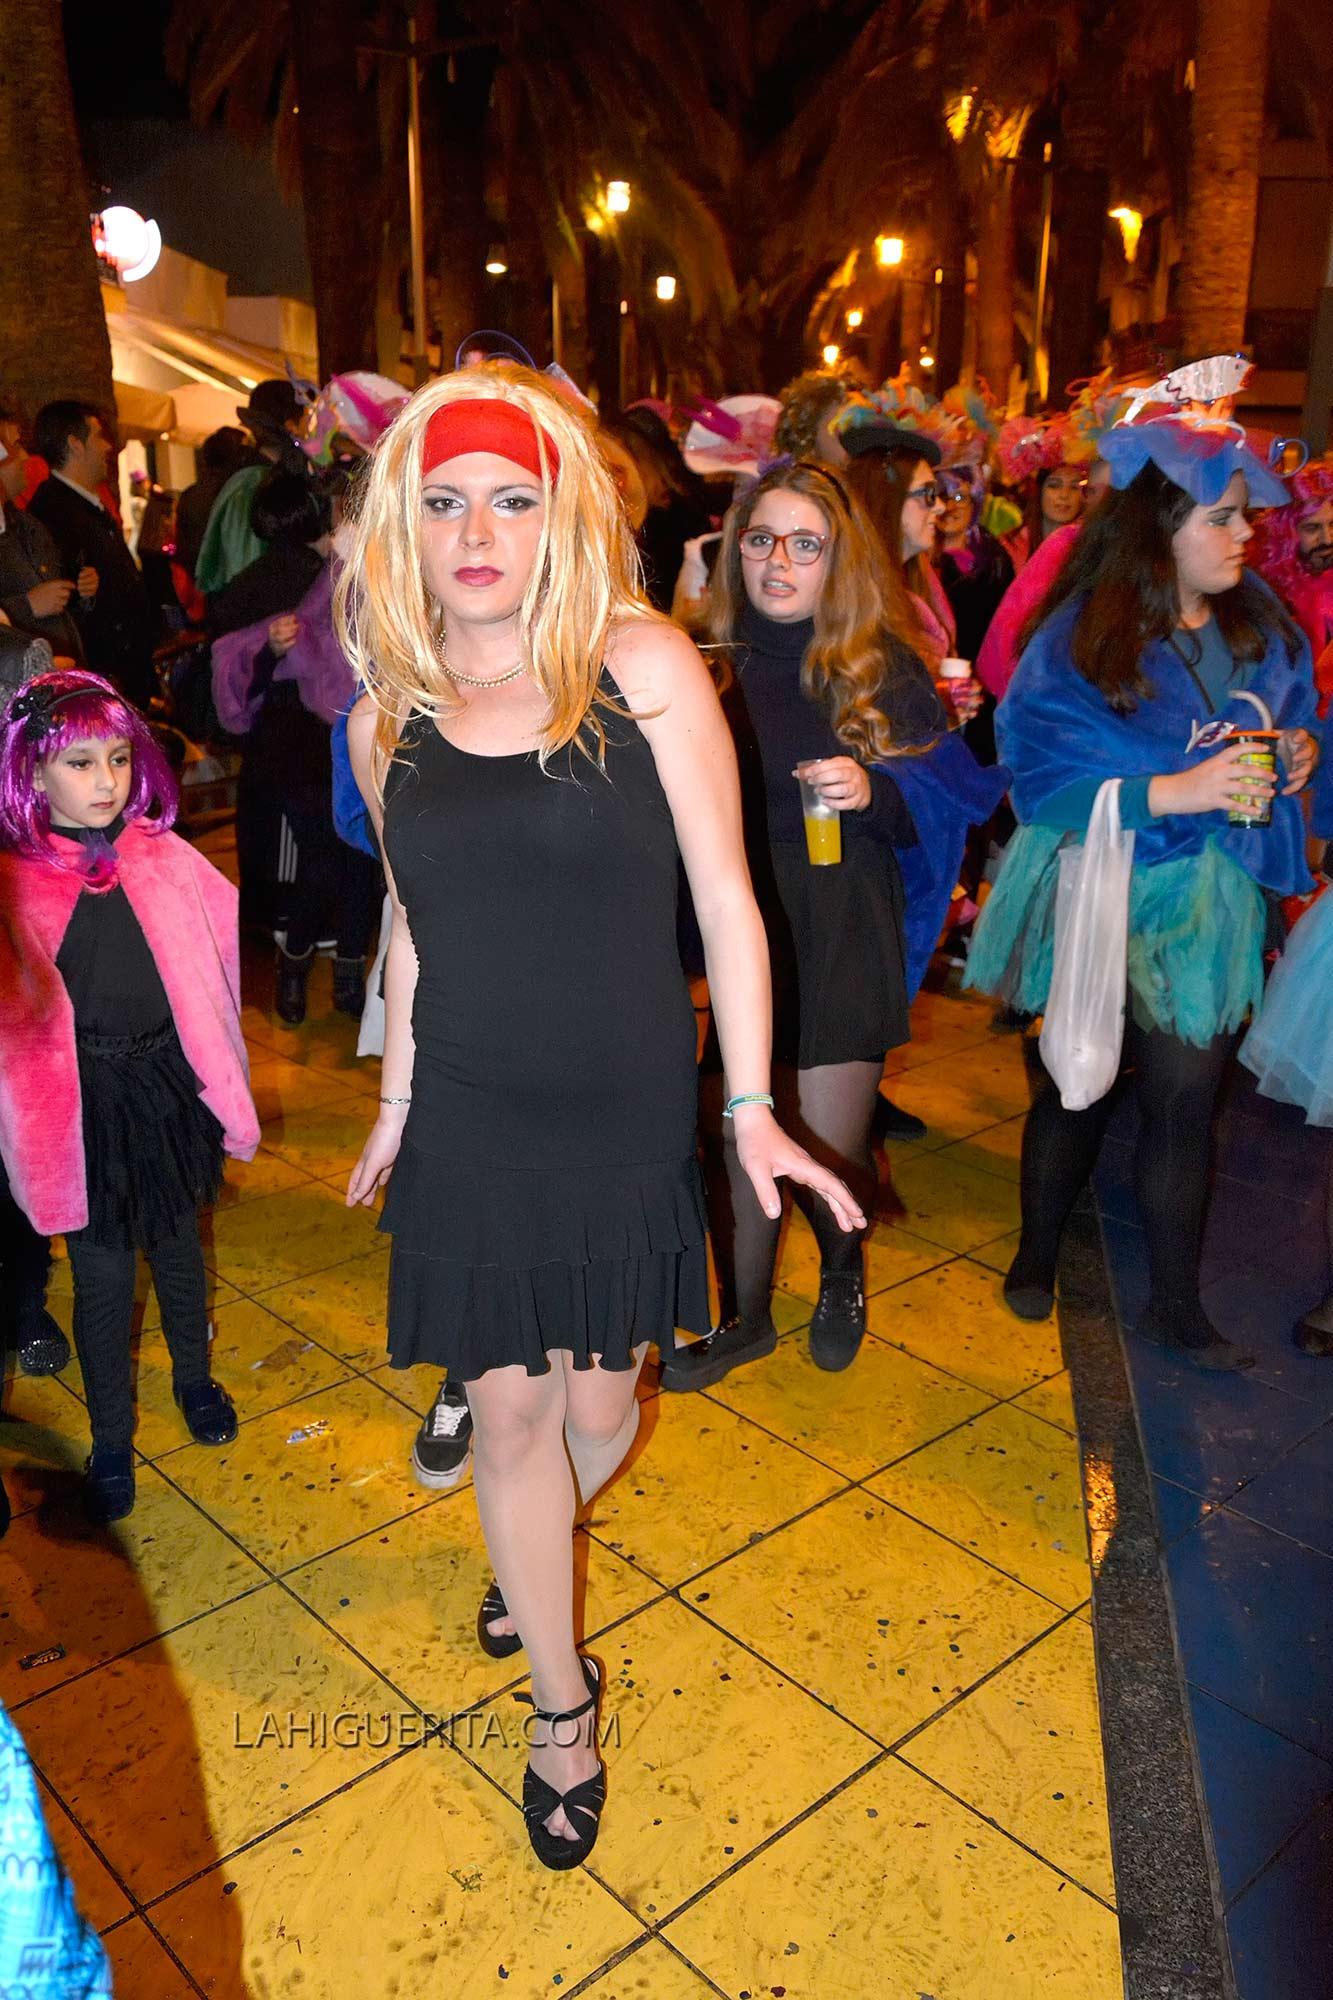 Entierro de la sardina carnaval isla cristina _DSC2139